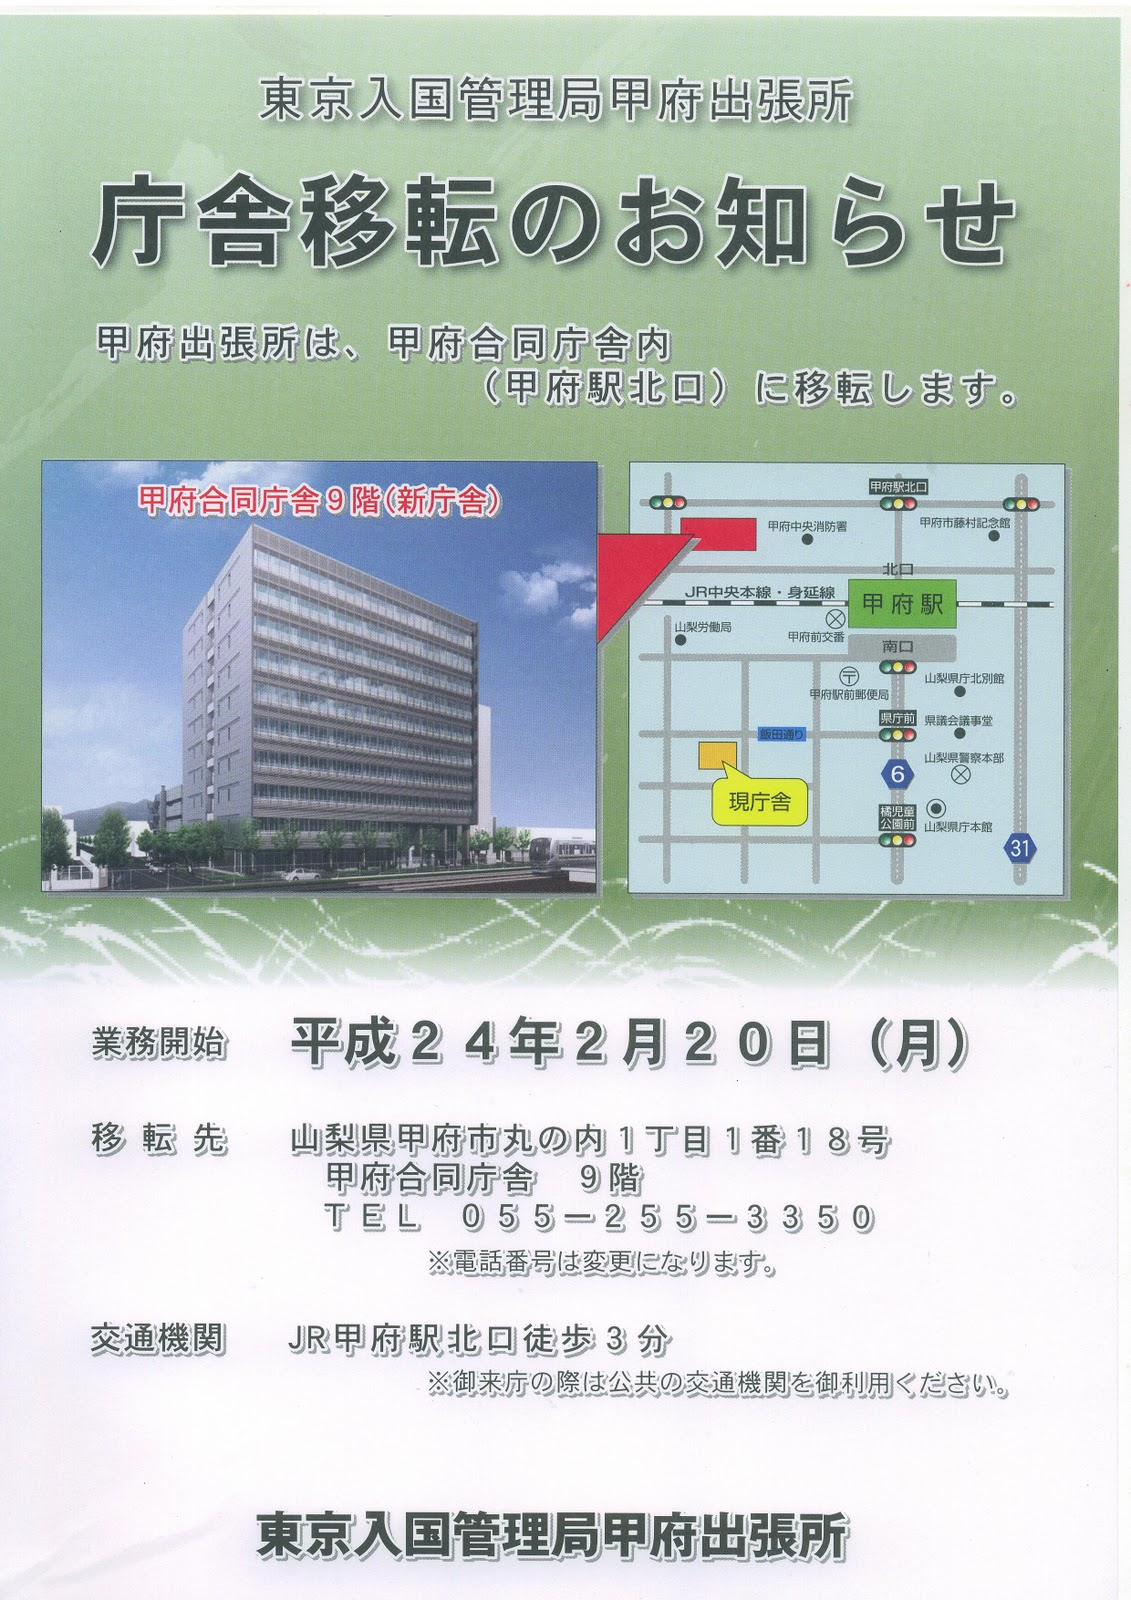 コンソ事務局blog: 東京入国管理局甲府出張所 (庁舎移転のお知らせ)